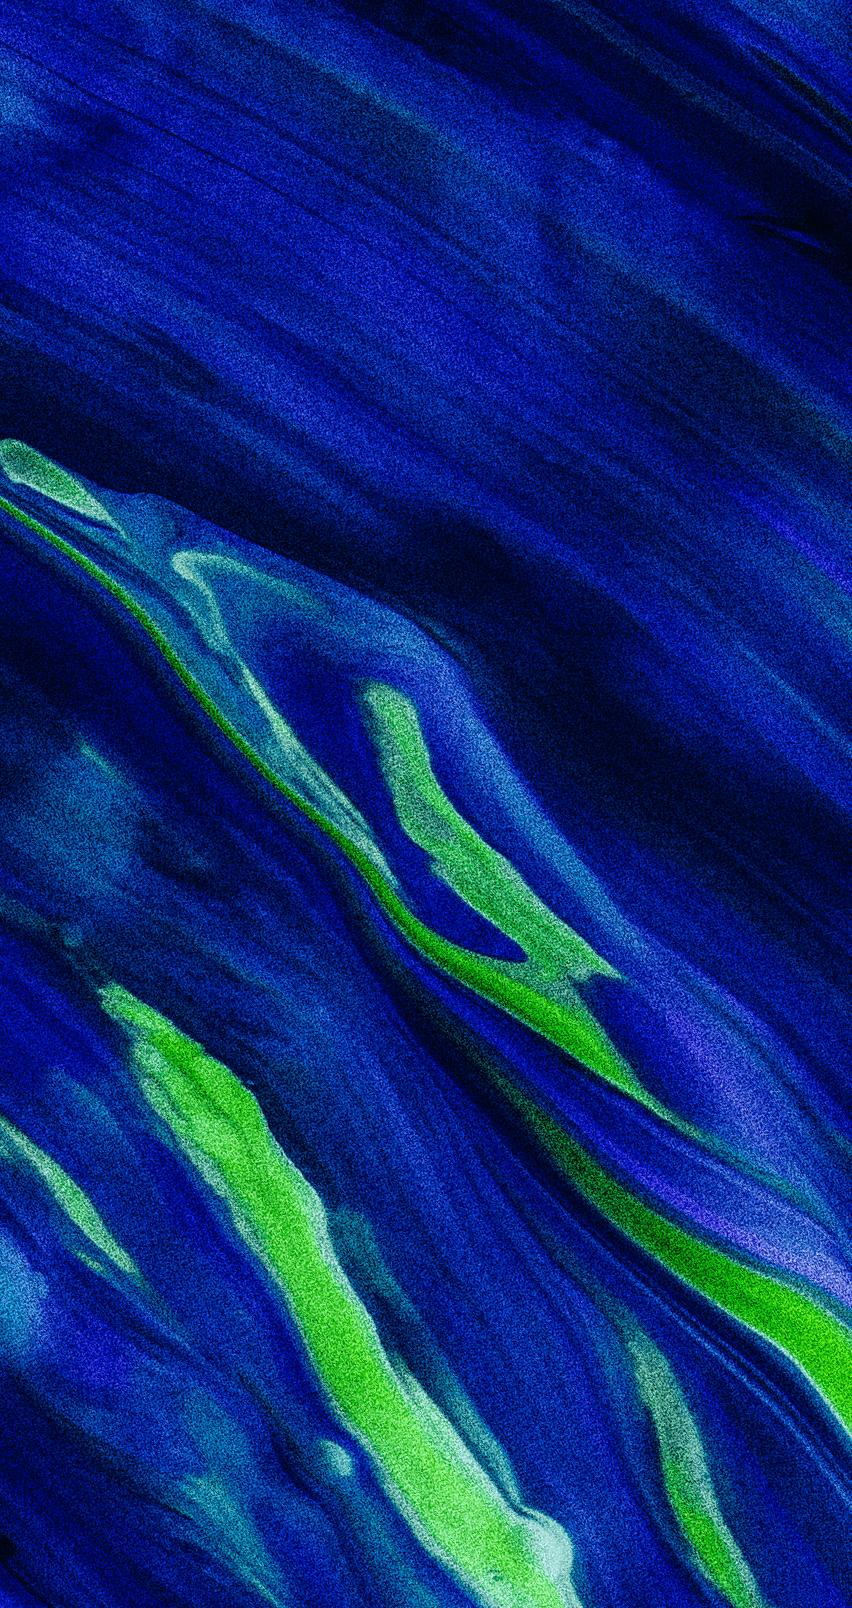 Vasjen Katro Liquid Iphone Wallpaper 03